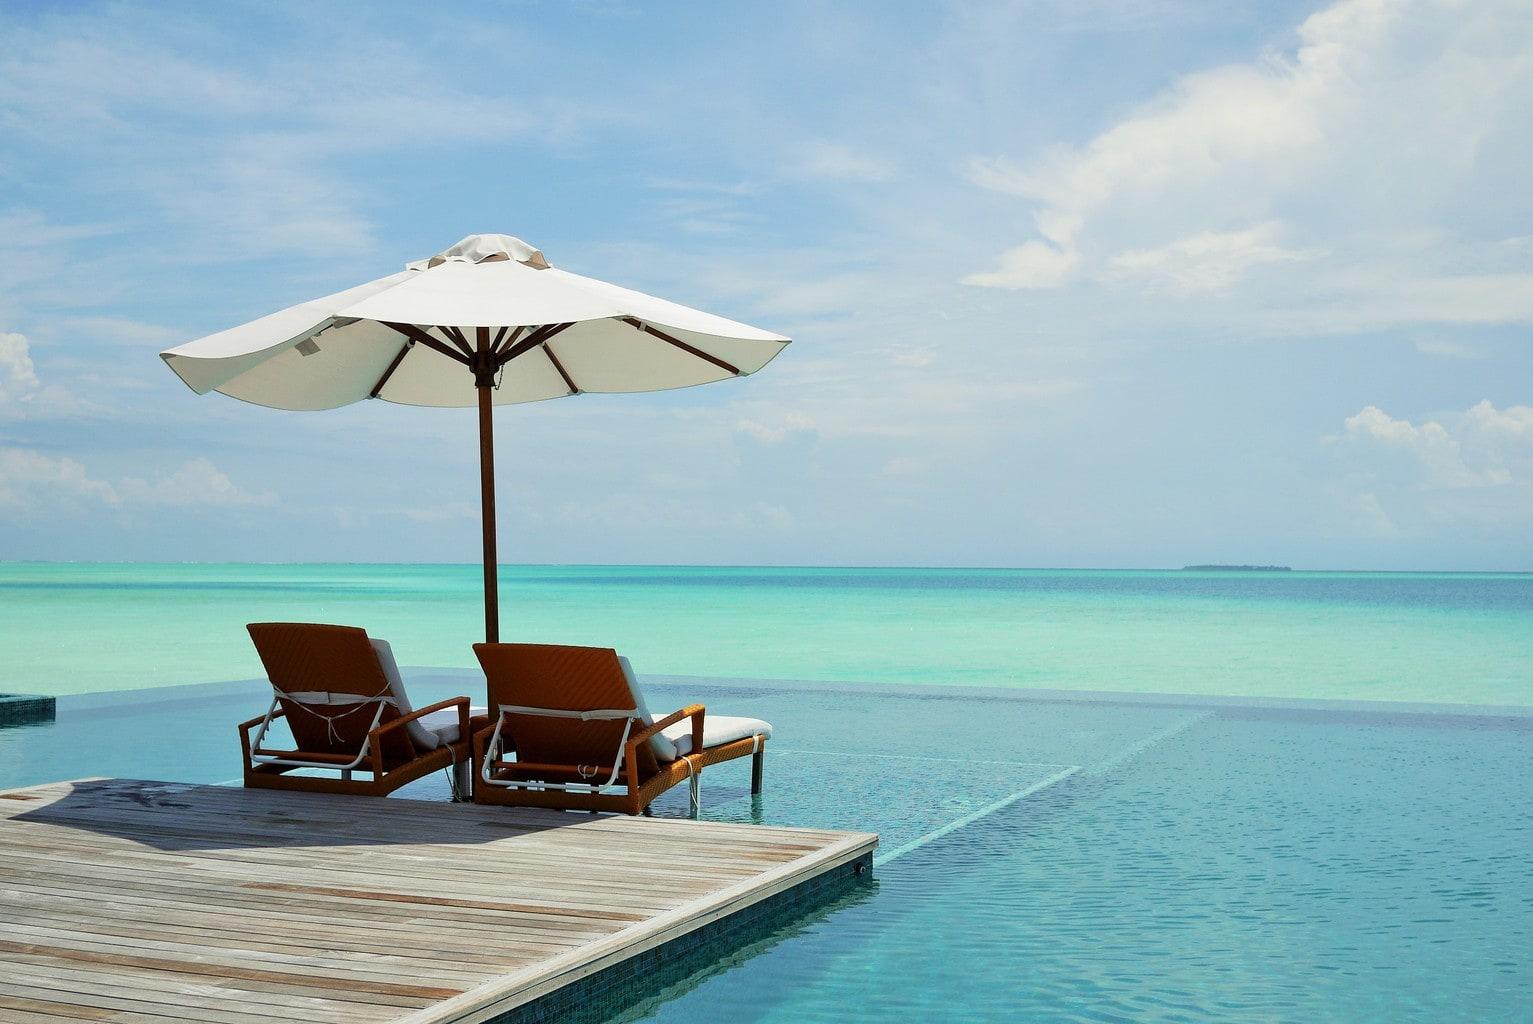 Maldives vs Bora Bora, where will YOU have the best vacation?